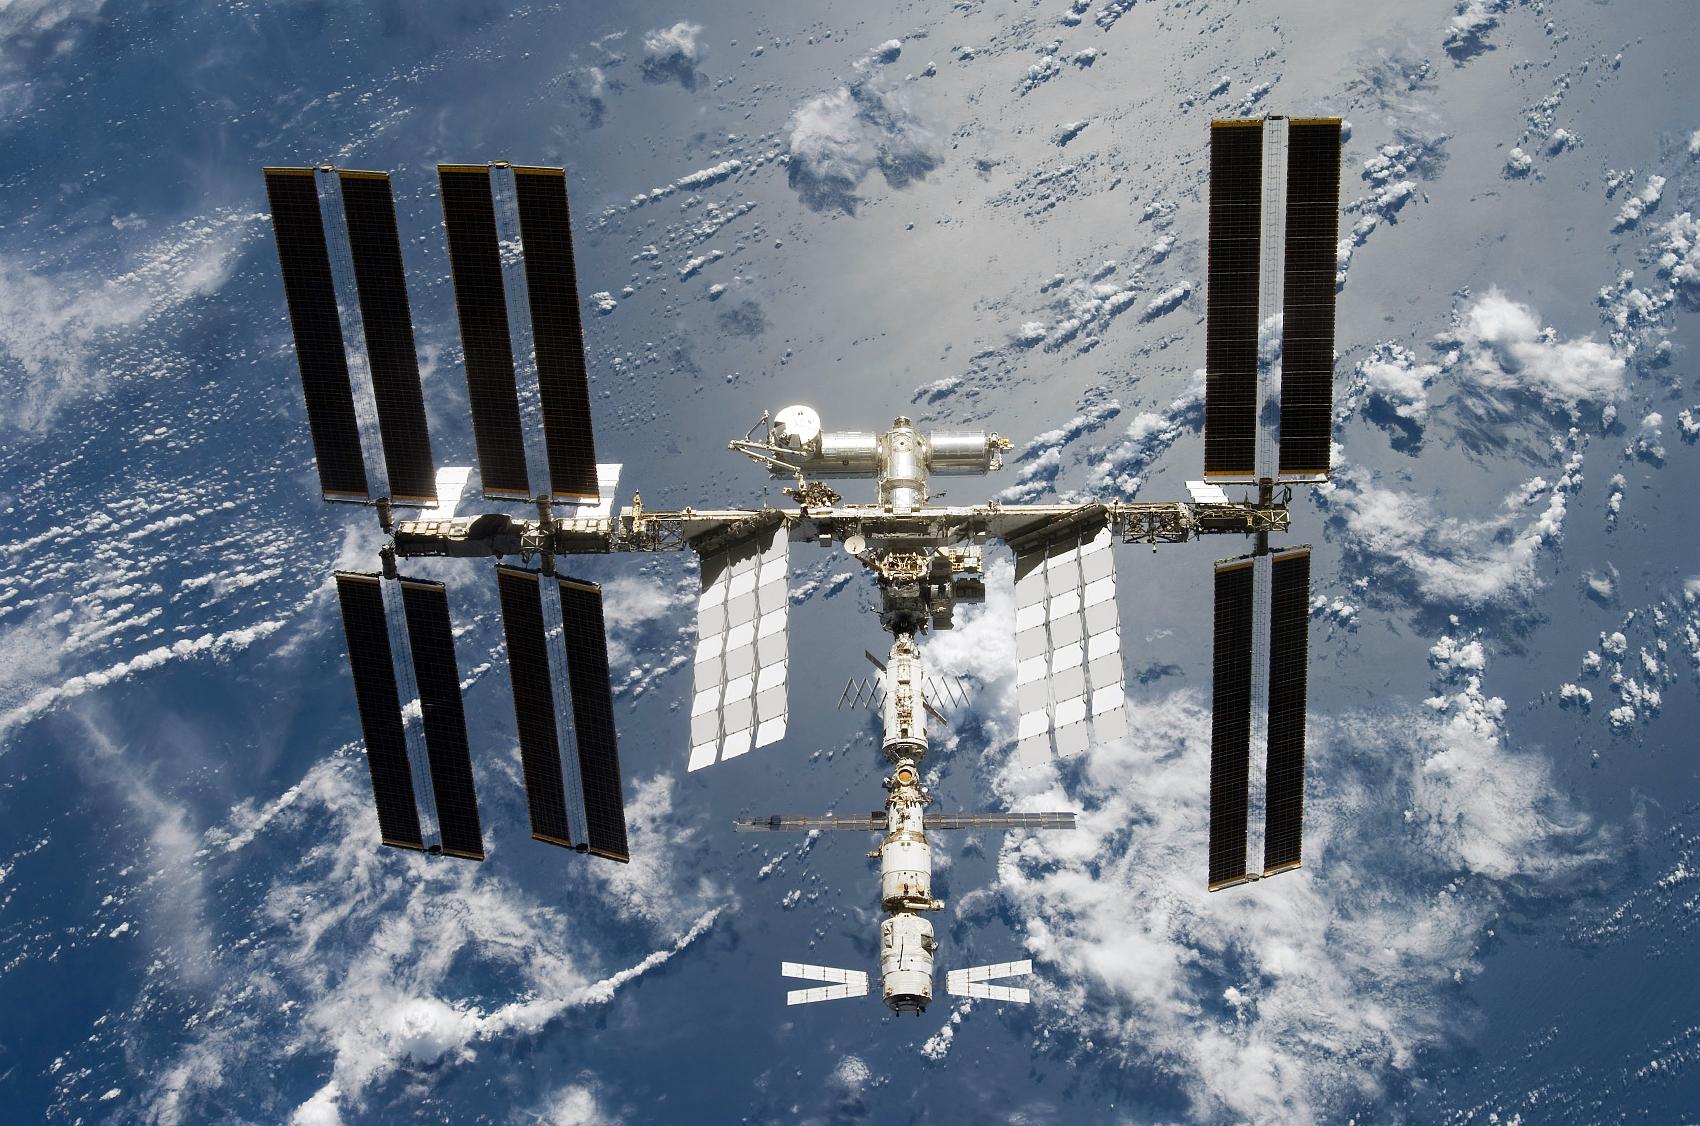 有了SpaceX,我们还需要NASA吗?